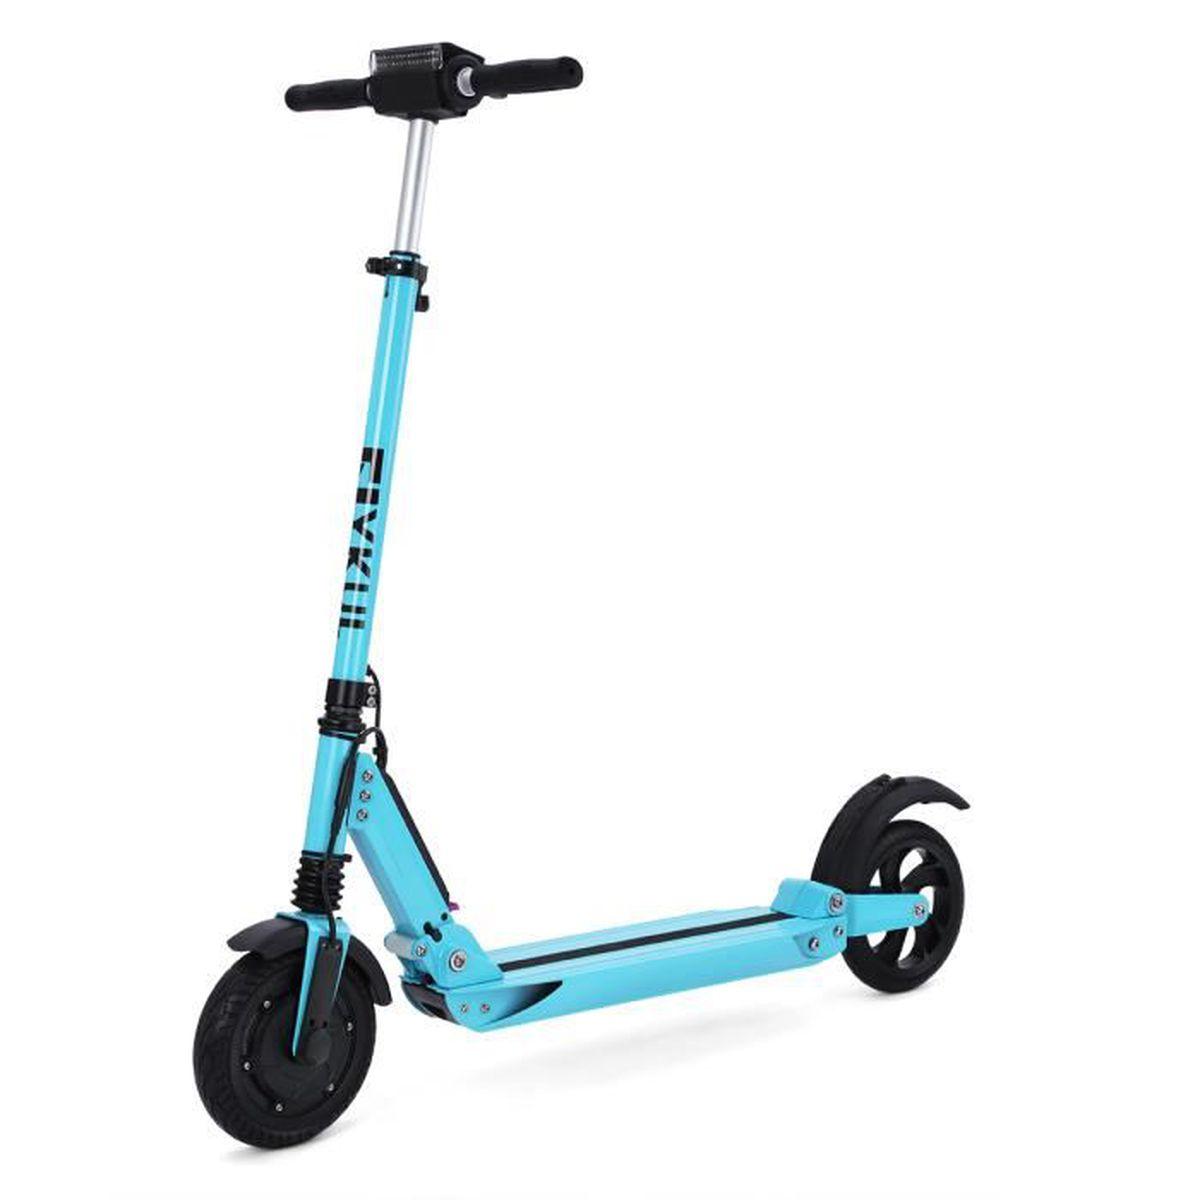 flykul 8 l ger e scooter electrique trottinette pocket bike bleu avec lumi res max charge 120kg. Black Bedroom Furniture Sets. Home Design Ideas